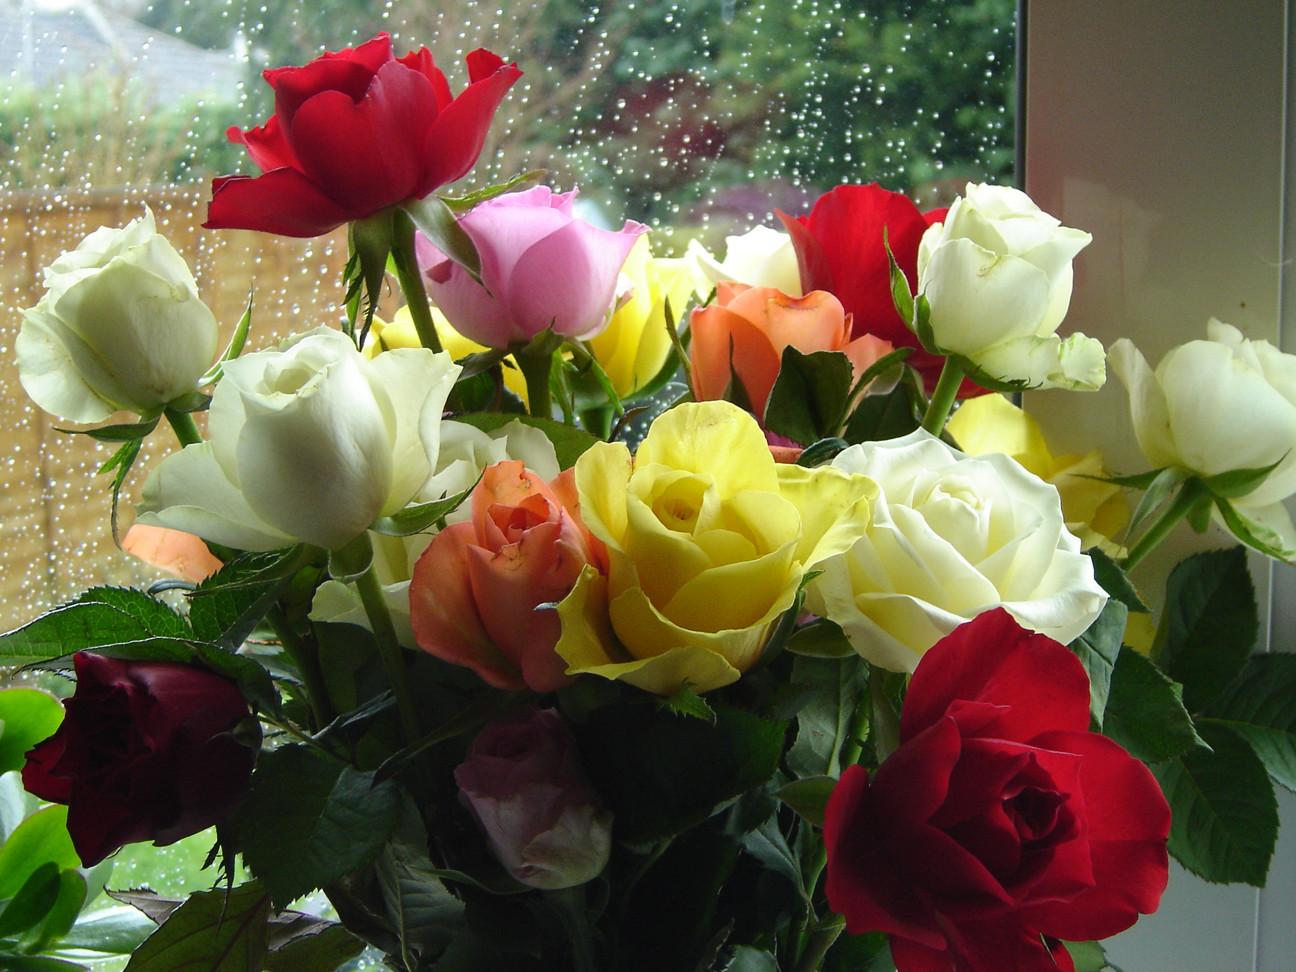 güller ile ilgili görsel sonucu